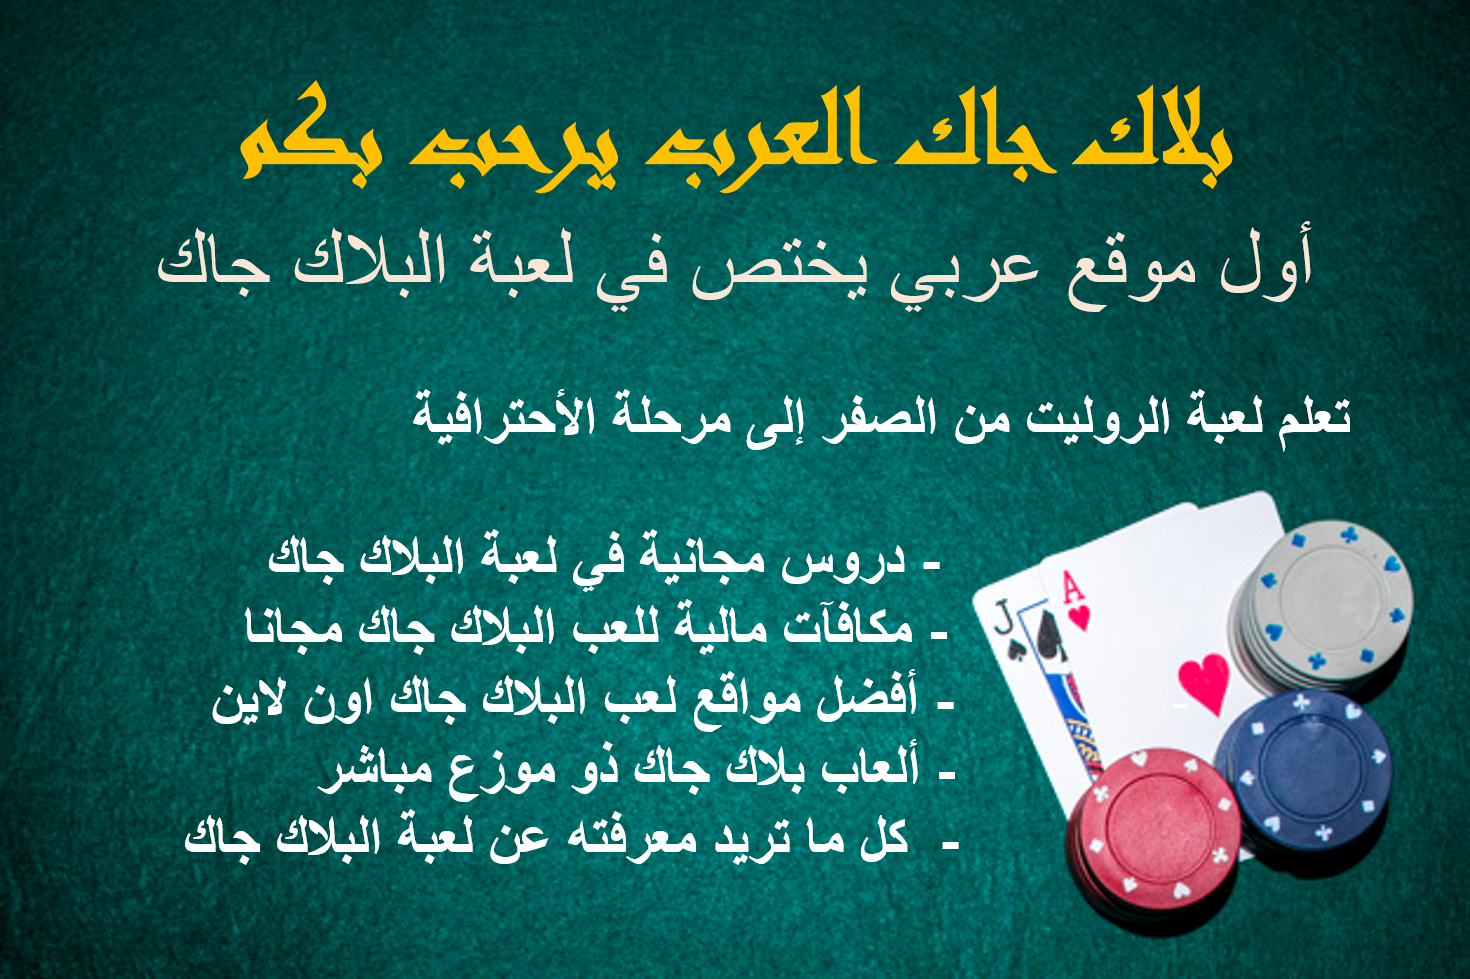 العاب بطاقات - 24185